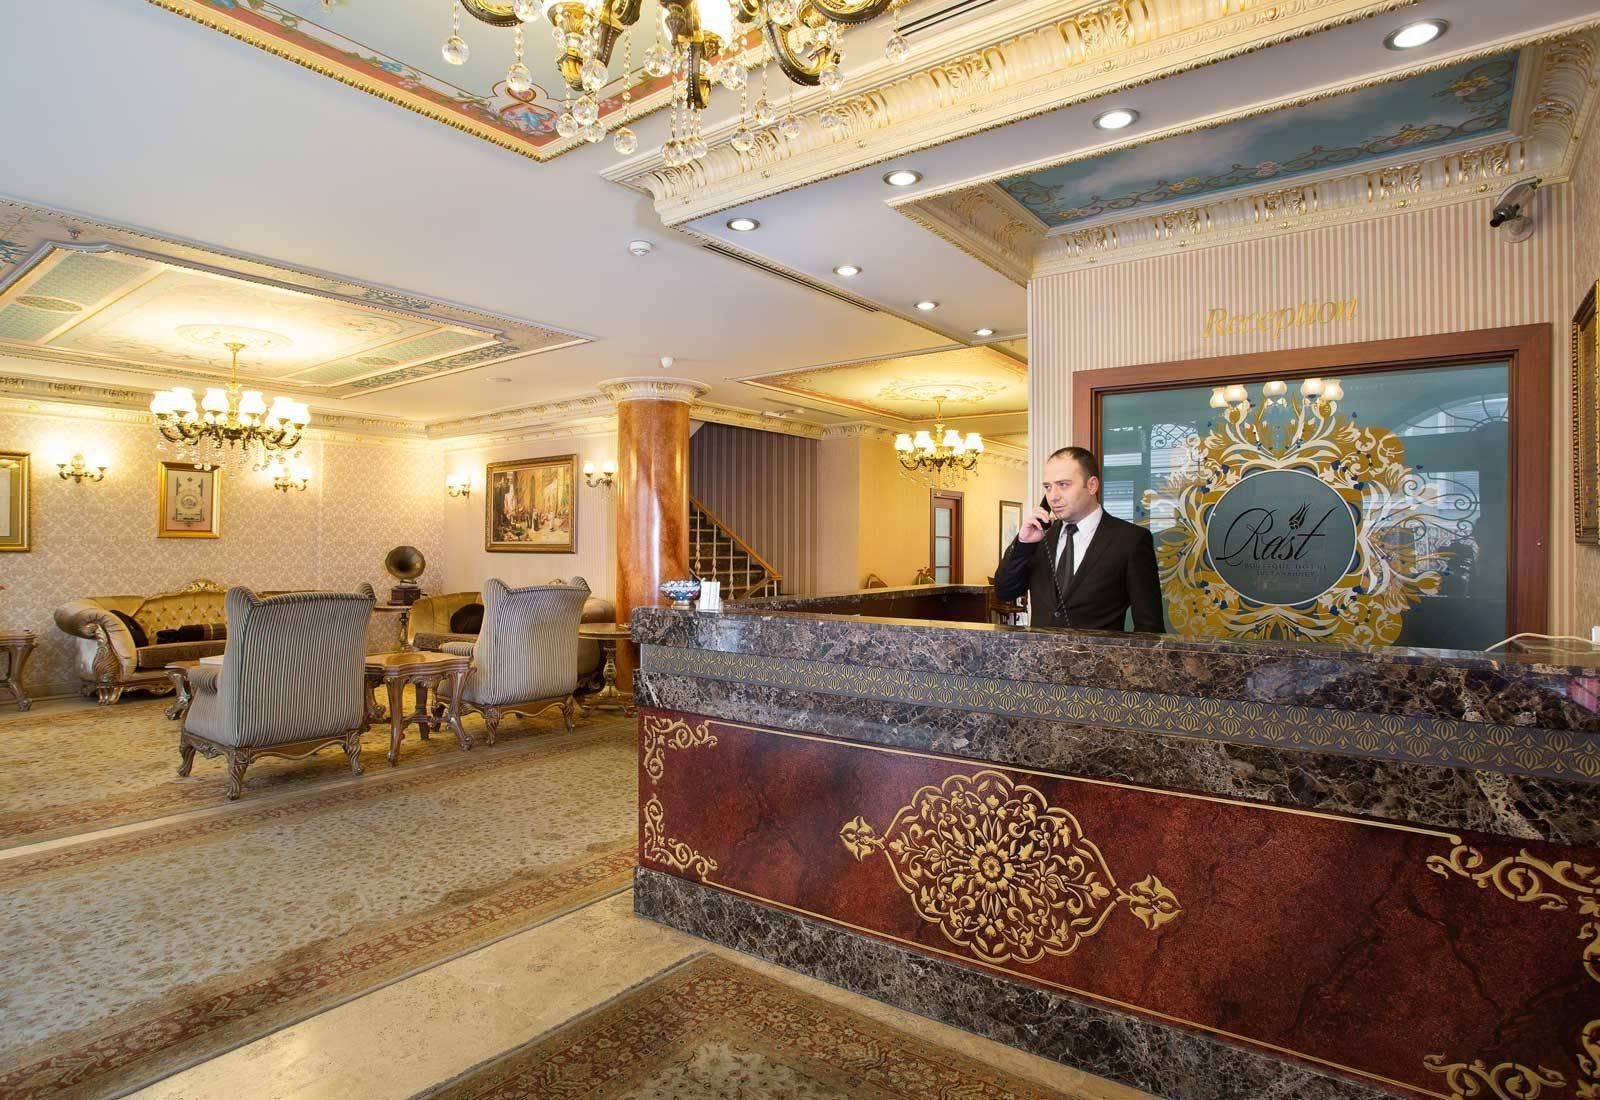 Rast Otel, İstanbul, Sultanahmet, 26854